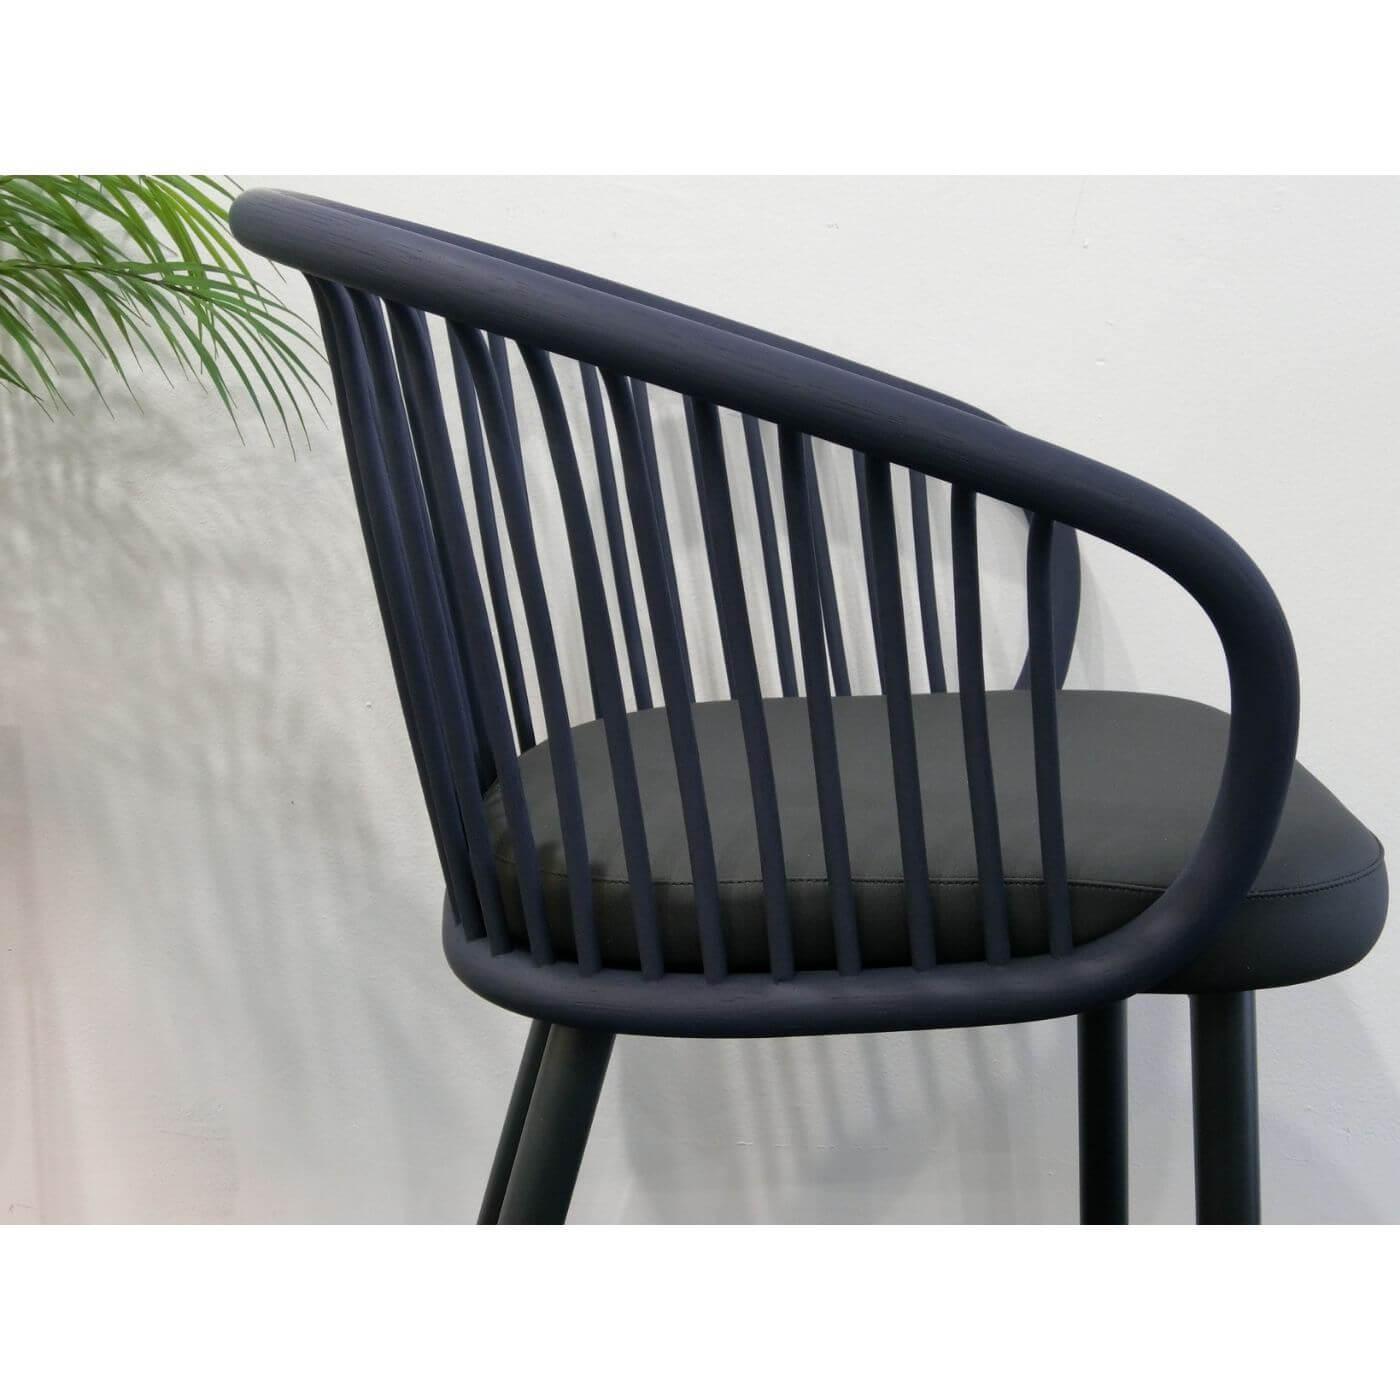 Expormim Huma rattan dining chair